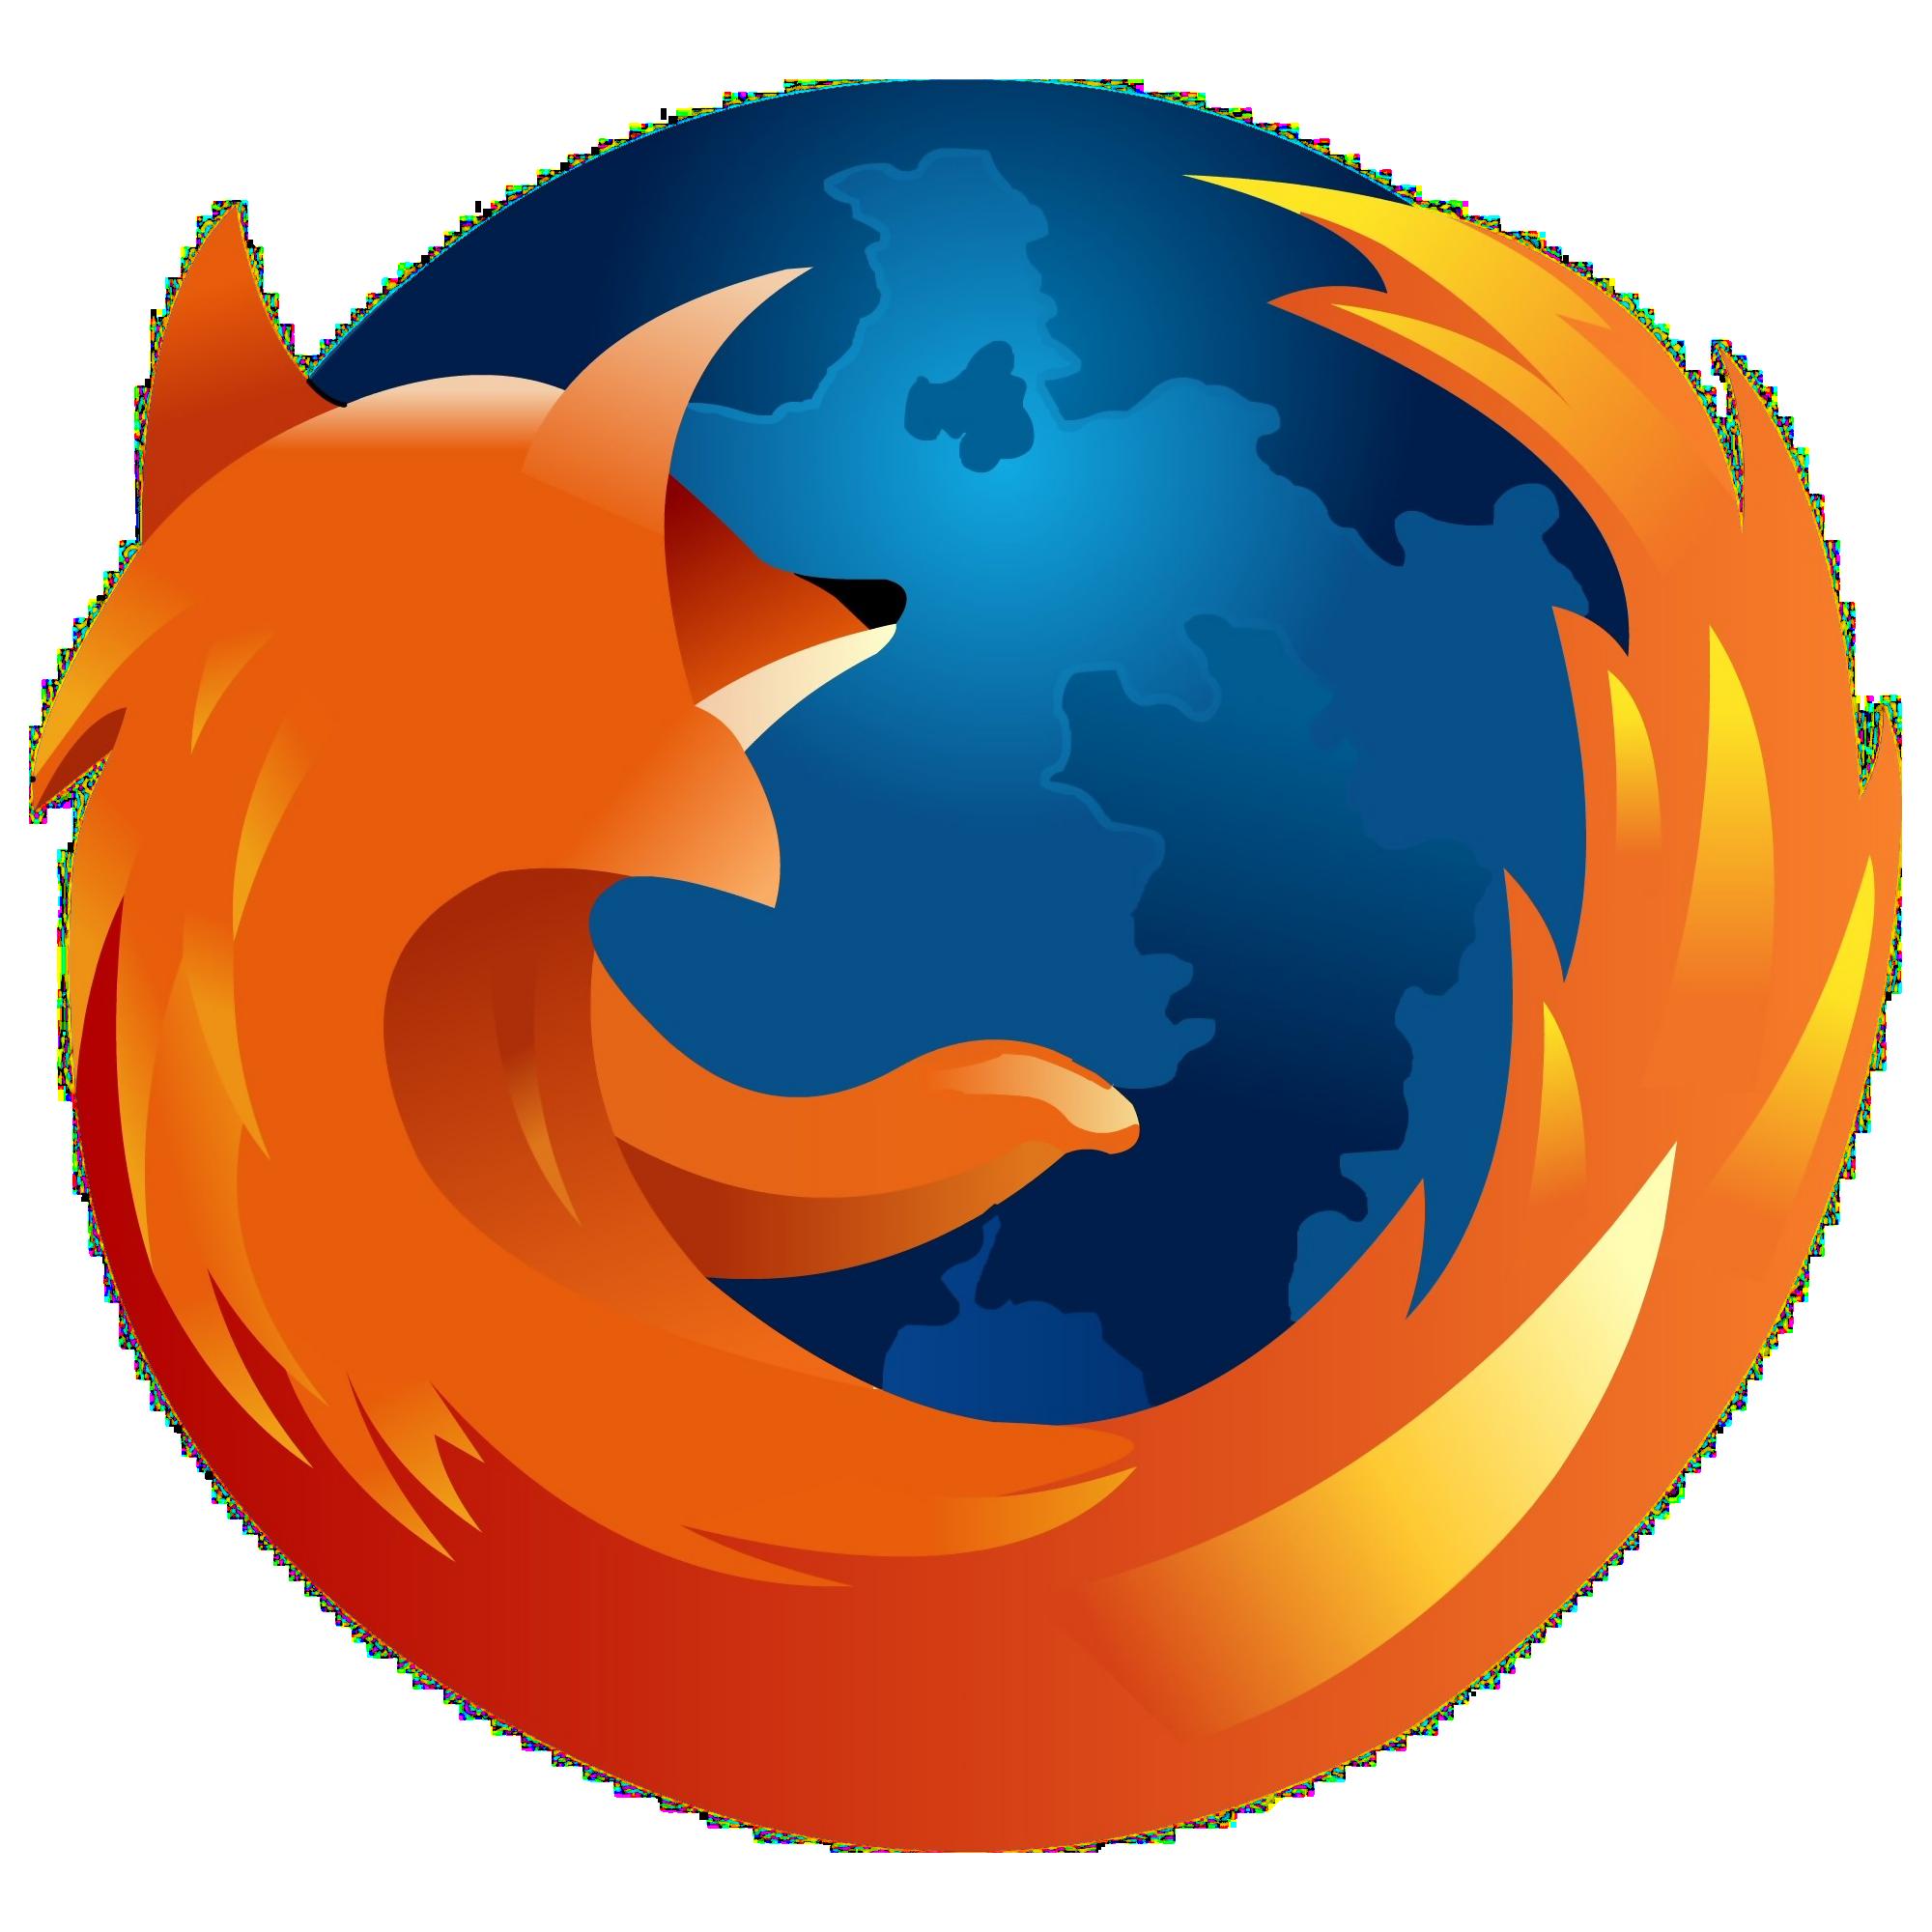 Afbeeldingsresultaat voor mozilla firefox logo png